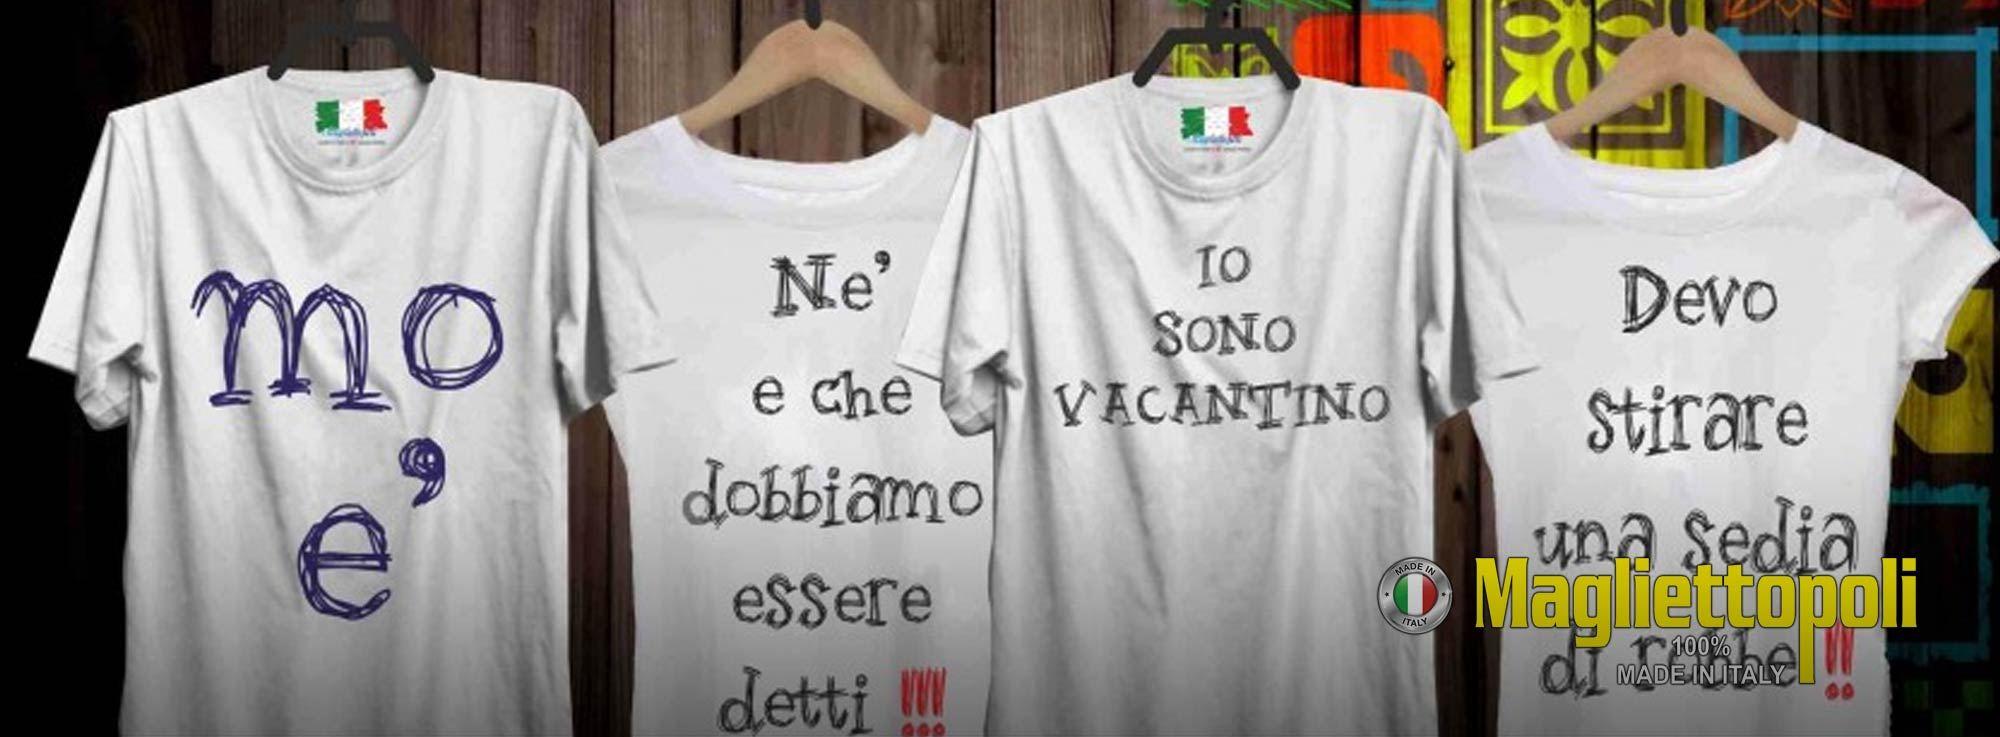 Magliettopoli.com Barletta